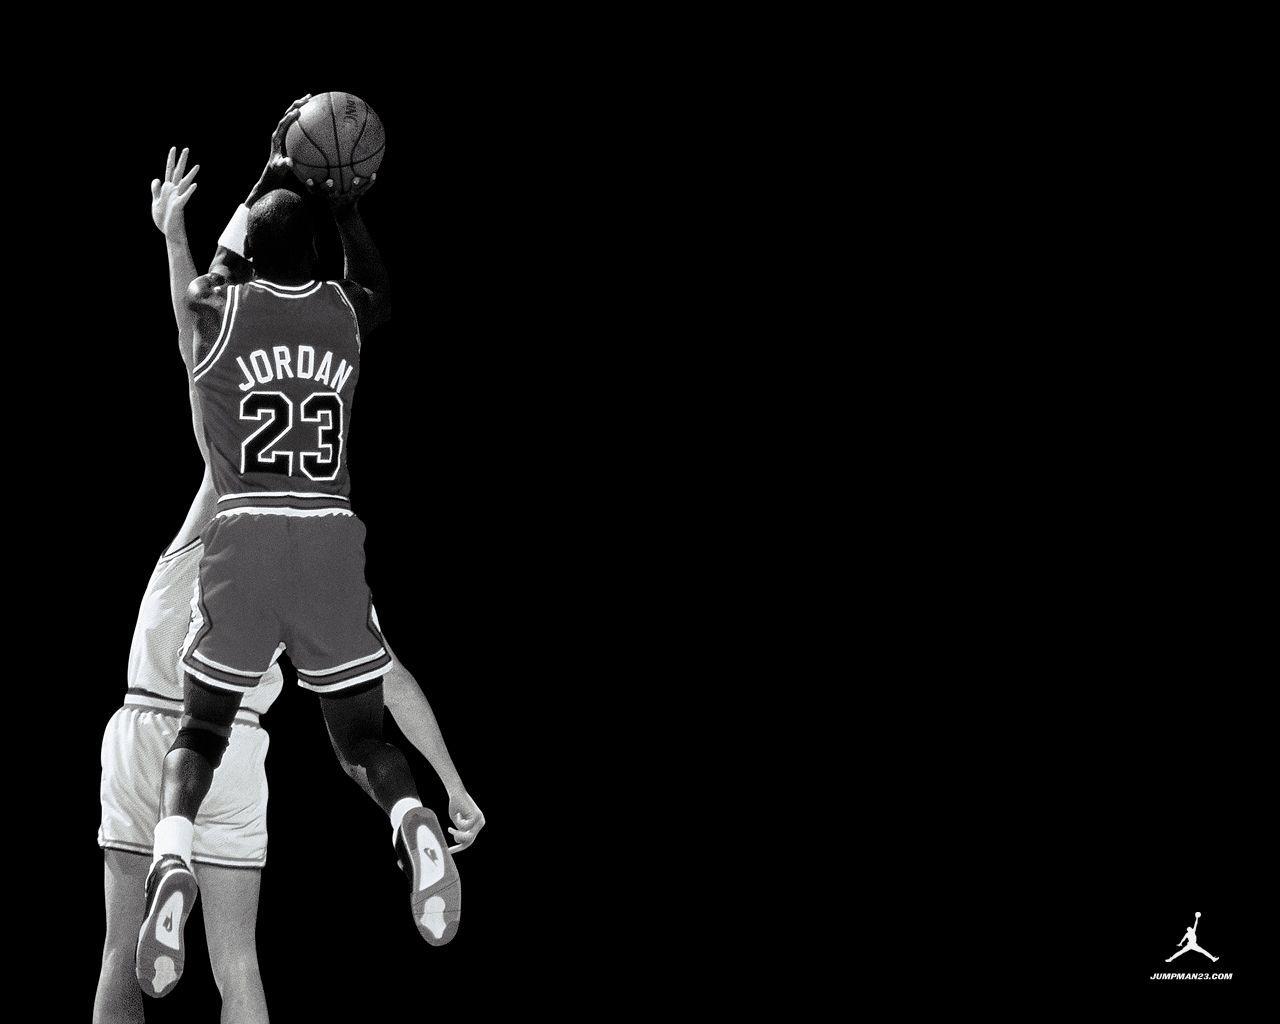 Michael Jordan Black And White Wallpaper 1080p Xdl Michael Jordan